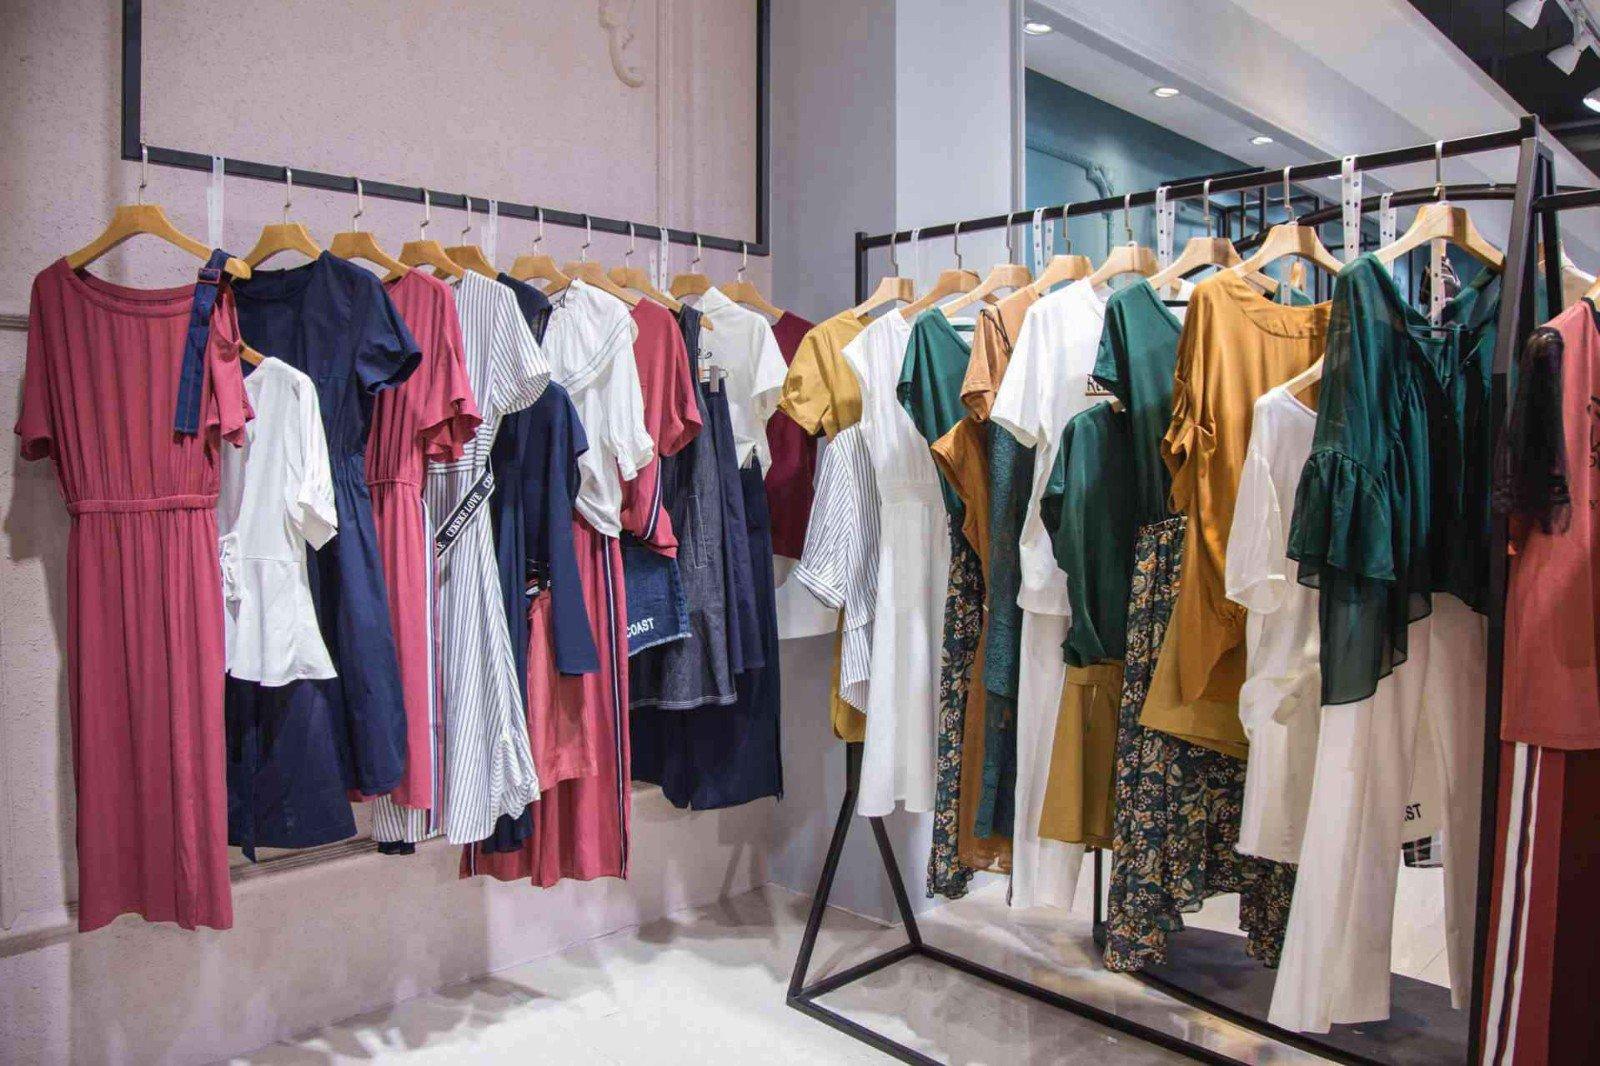 常熟服装批发档口丨在网上找地摊货源,常熟服装批发了解一下